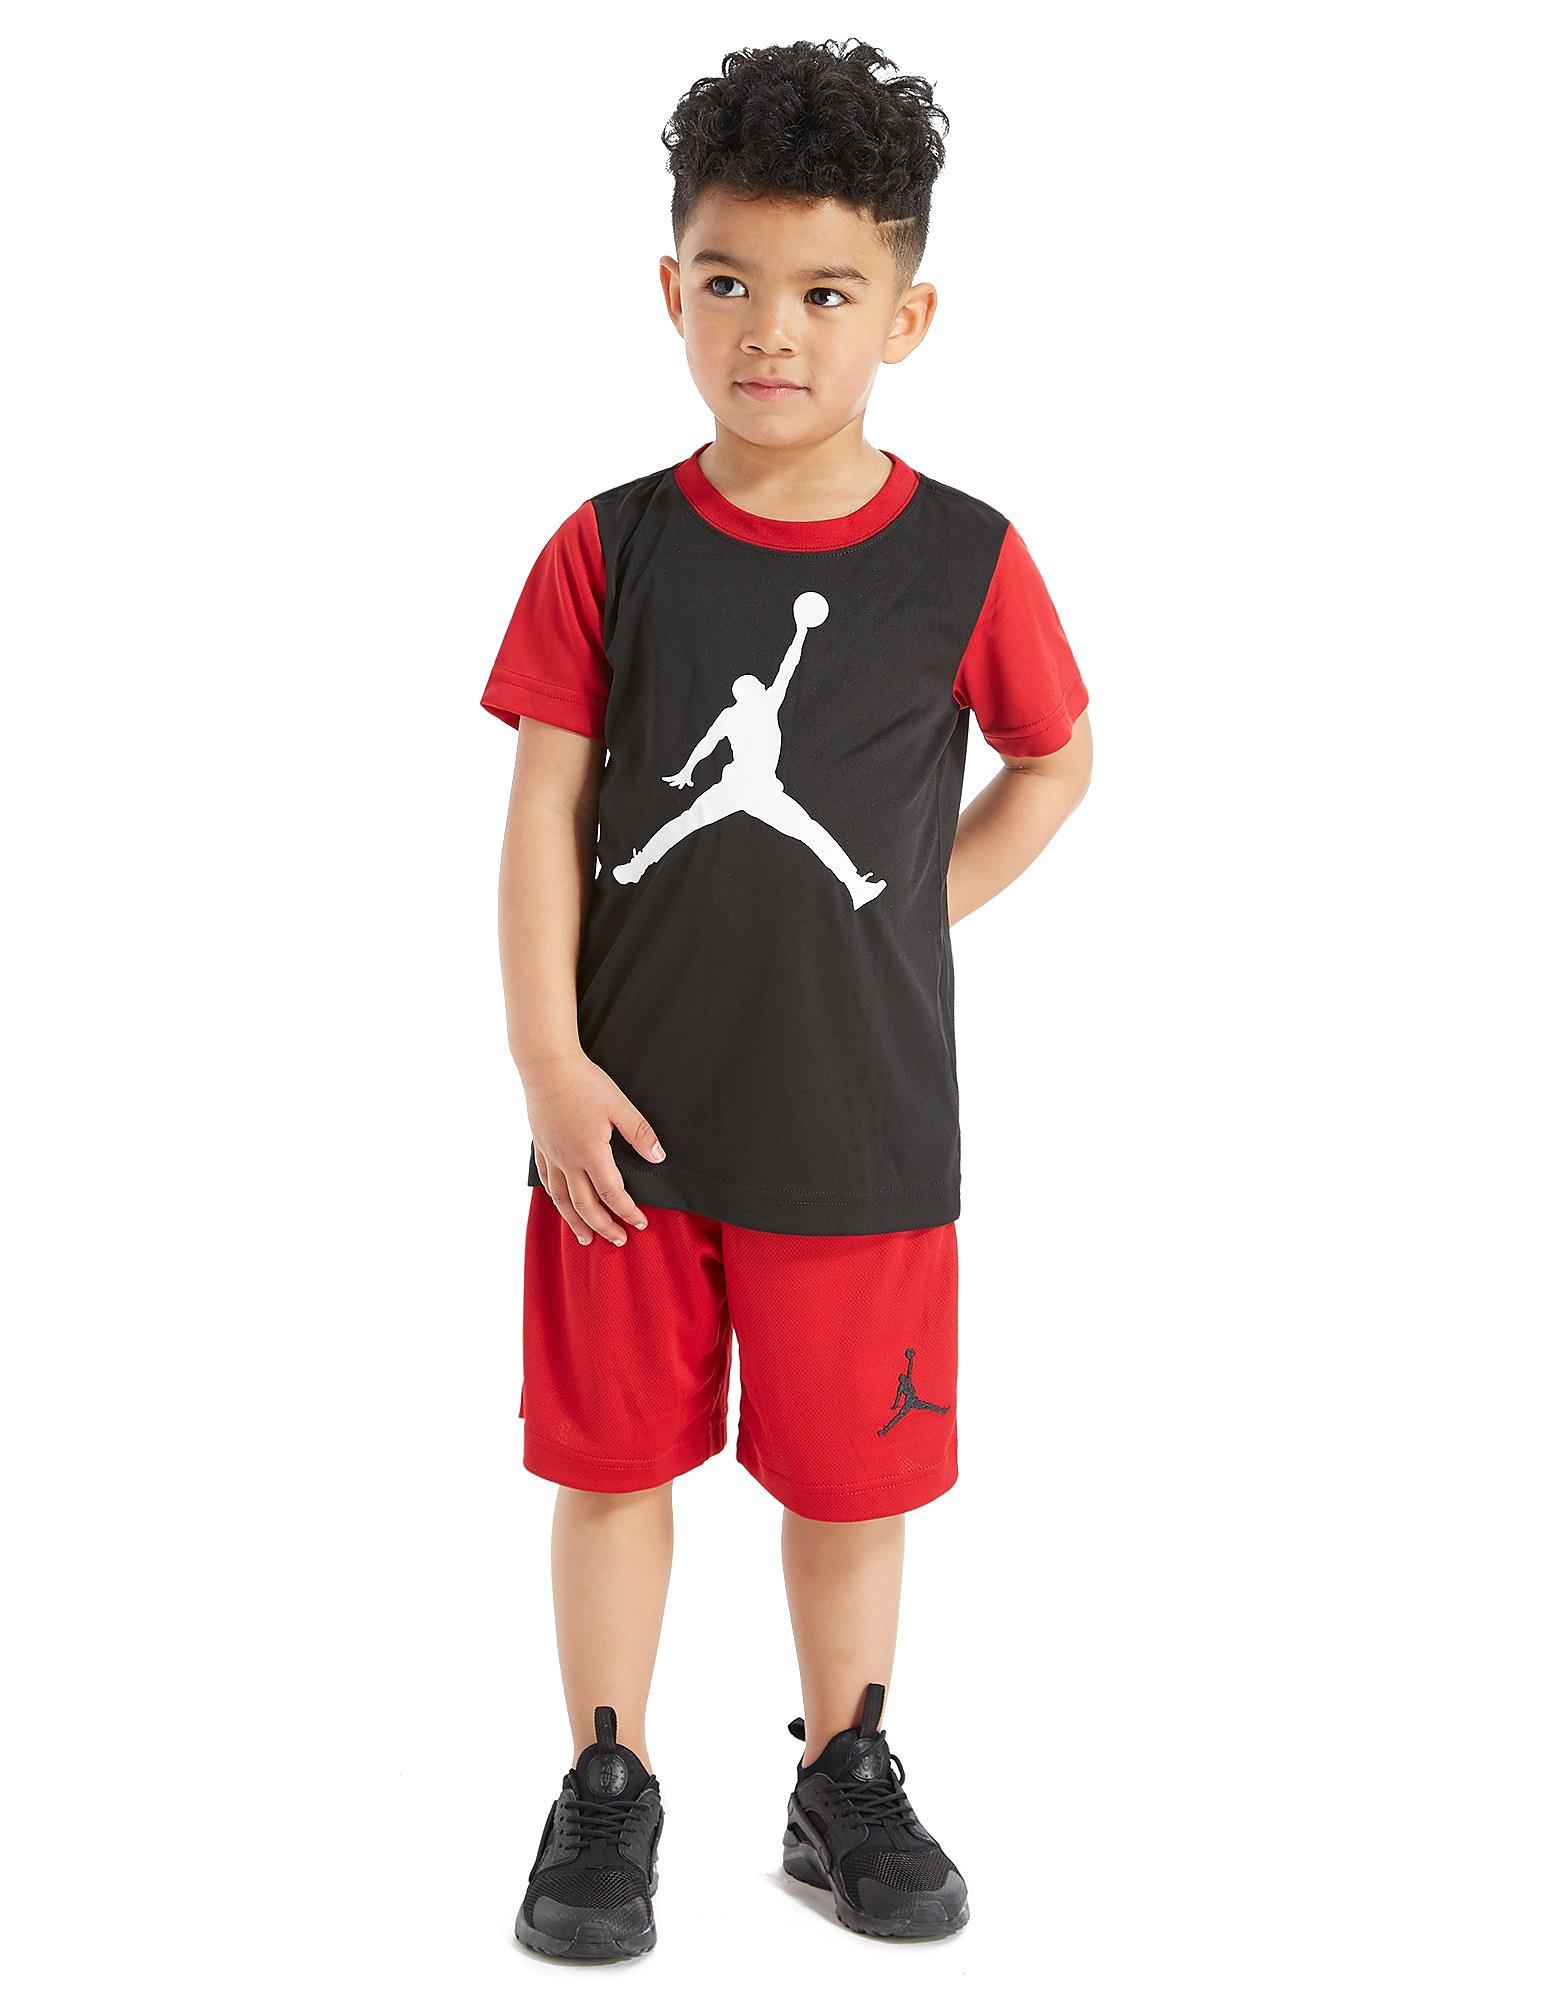 Jordan Jumpman 4 Life T-Shirt/Short Set Children